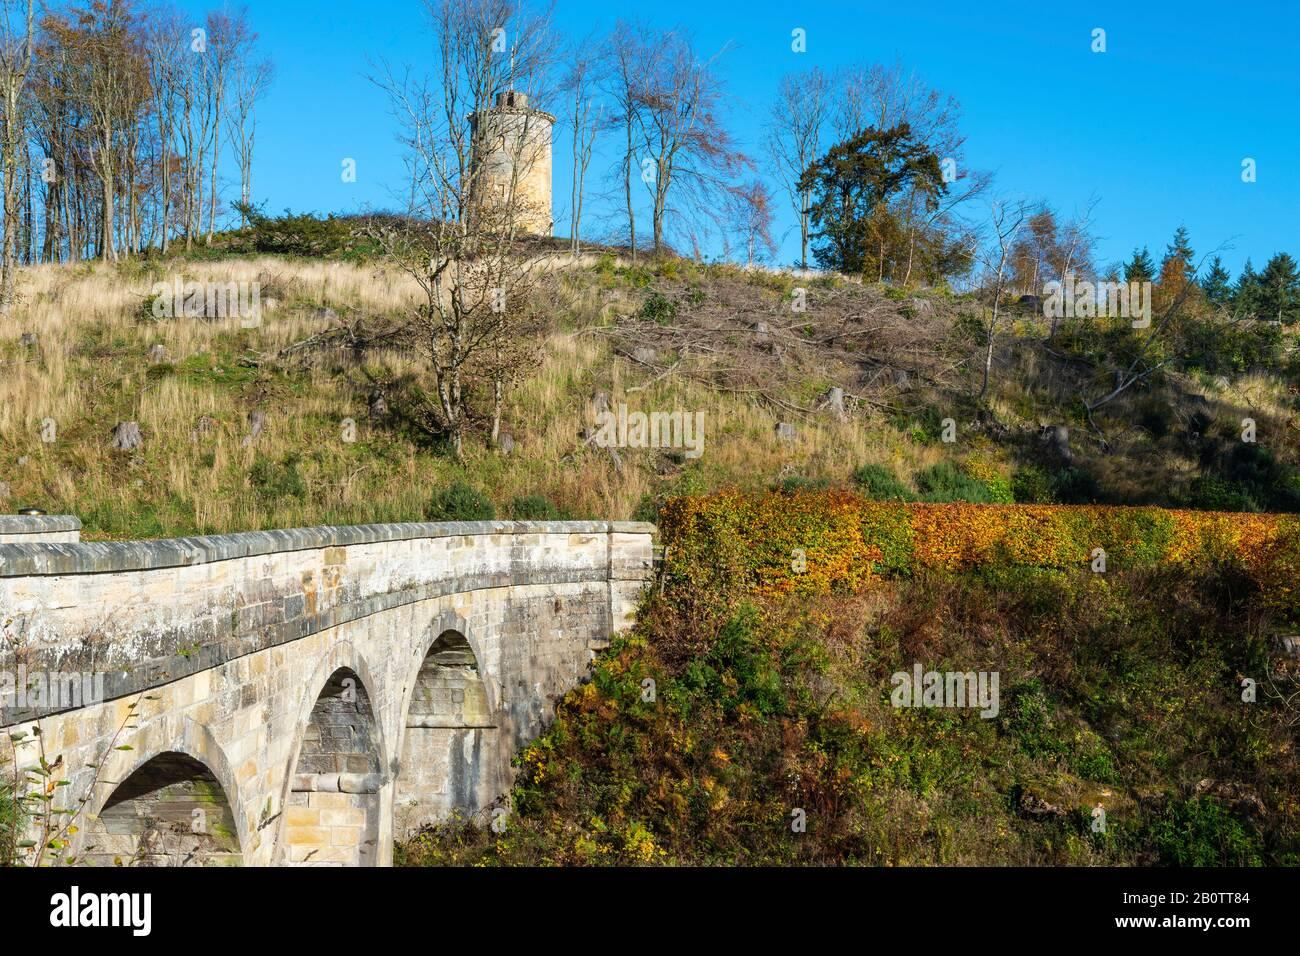 Puente de arco de piedra en la entrada principal con la Torre de la Ley Knight en el fondo, Penicuik Estate, Midlothian, Escocia, Reino Unido Foto de stock